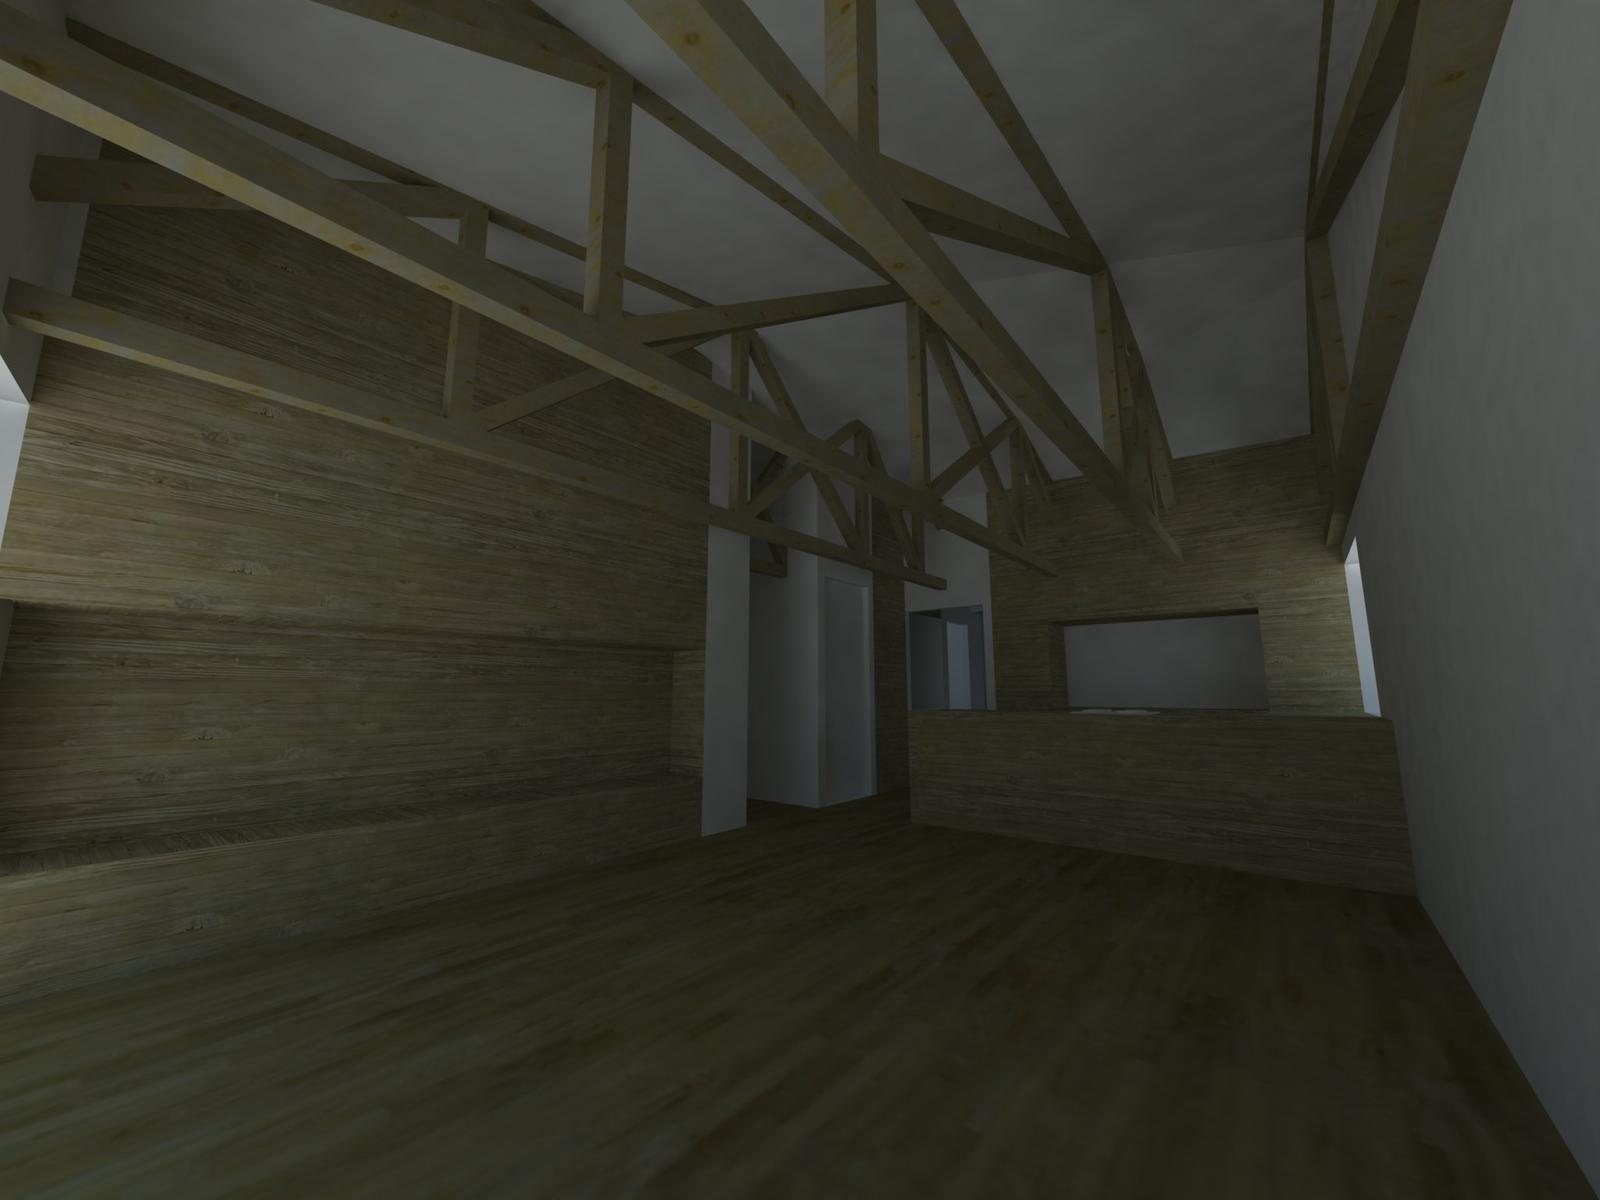 bungalof pri ceresni - Obrázok č. 9